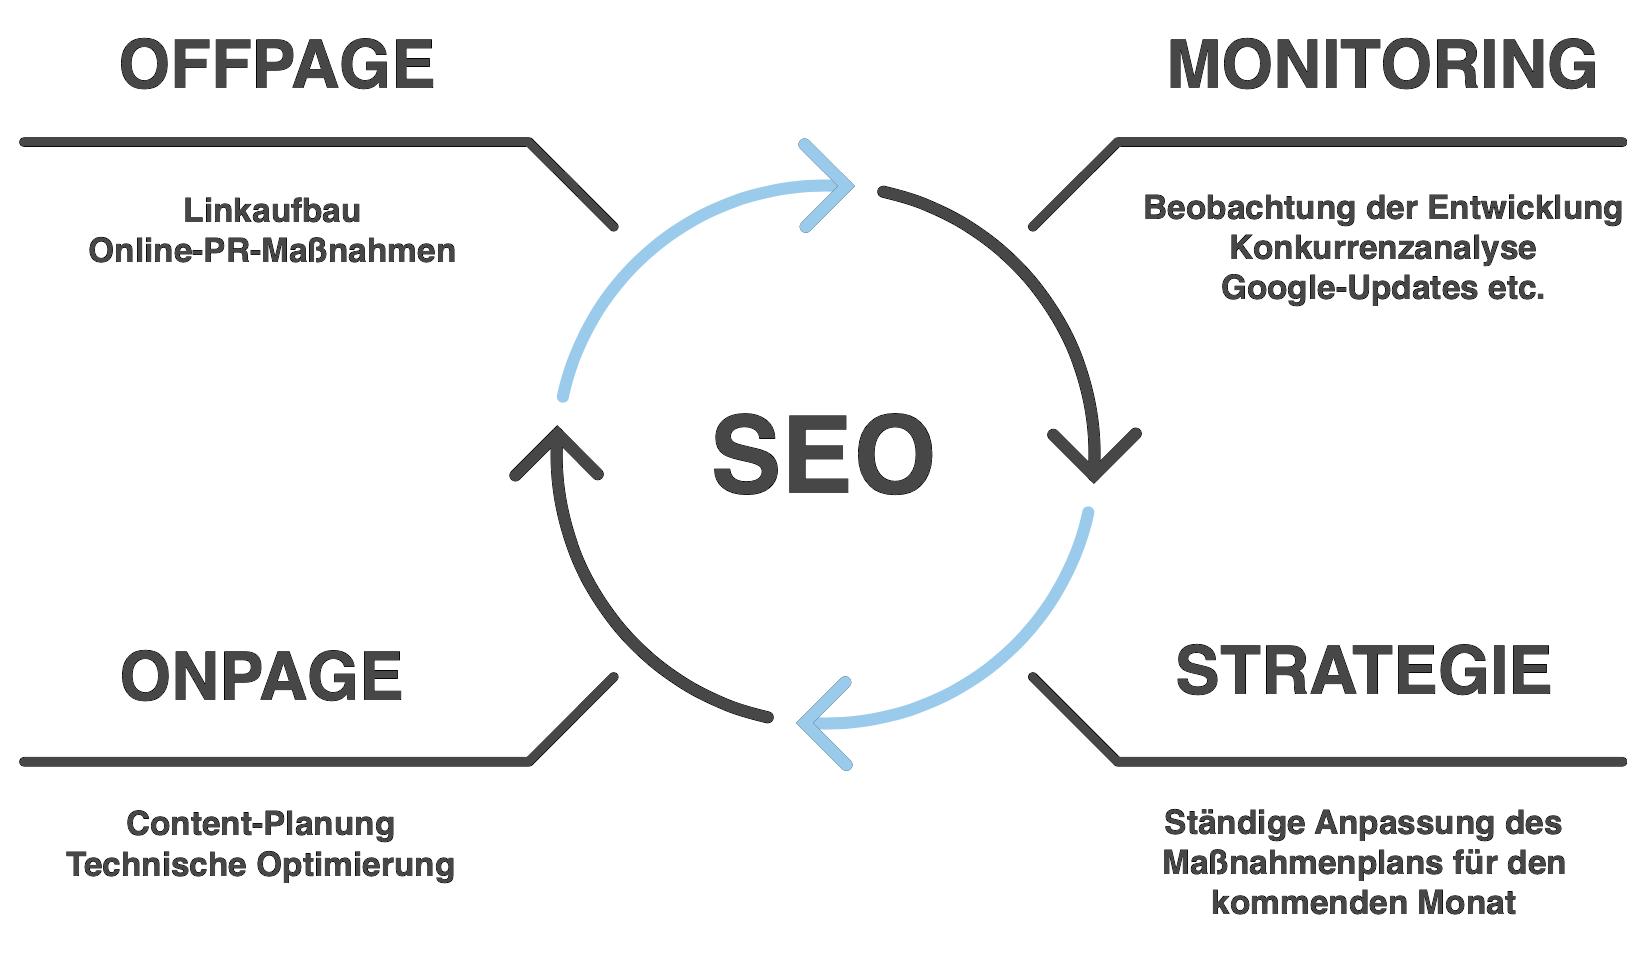 Schaugrafik / Diagramm - Ablauf einer SEO-Kampagne.